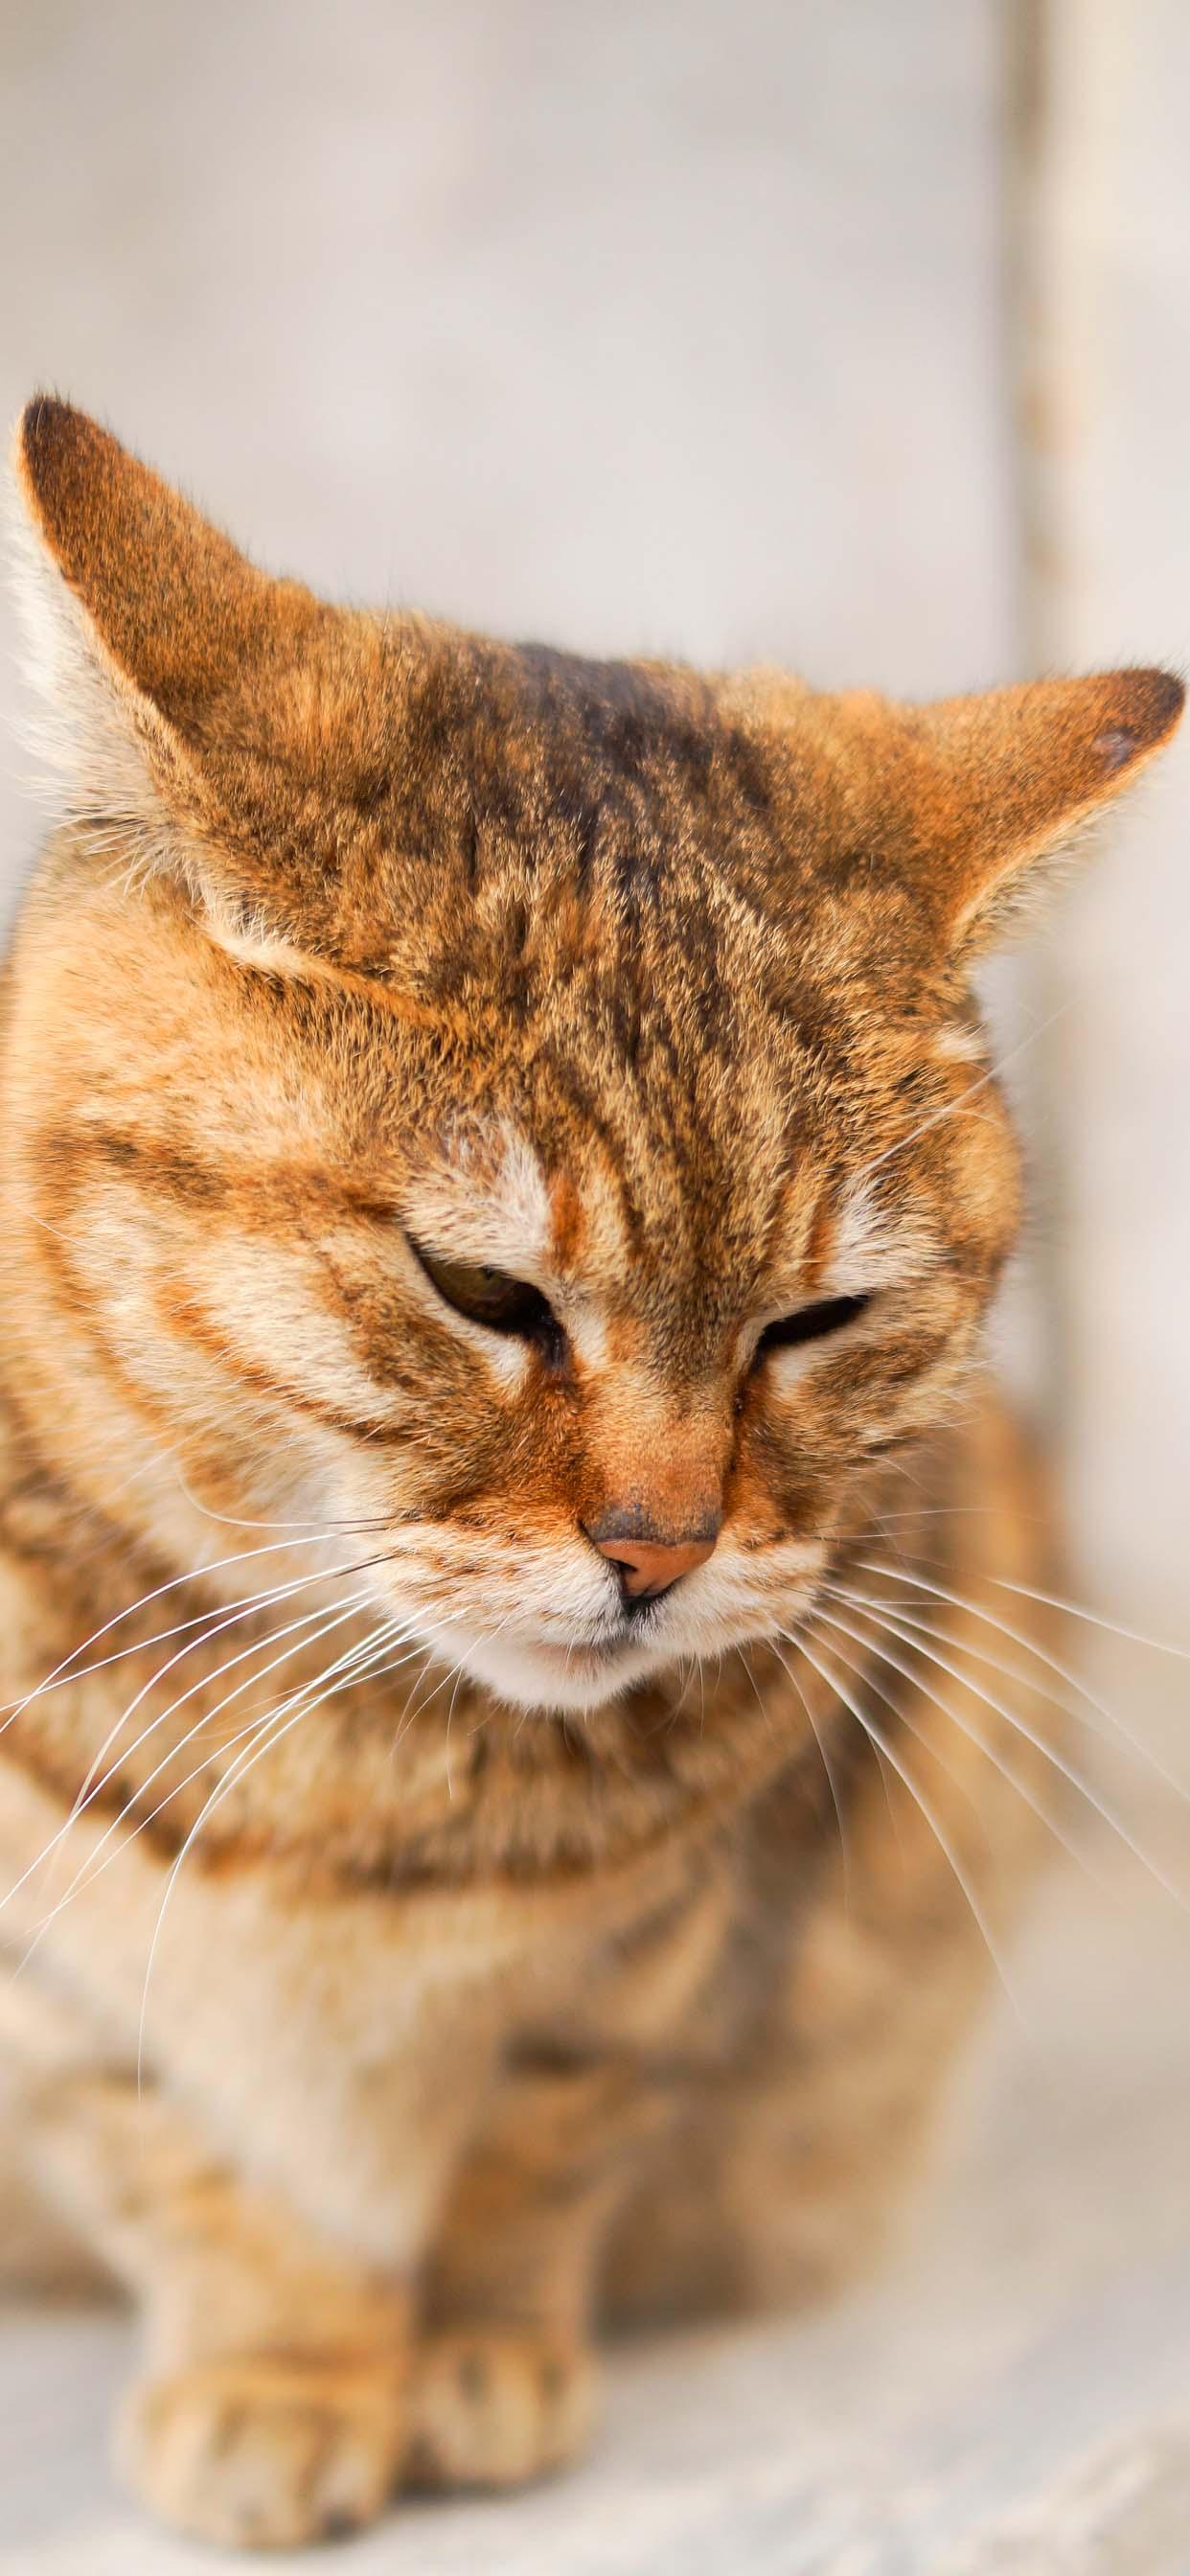 Cute Cat iPhone Wallpaper - Beautiful Orange Cat